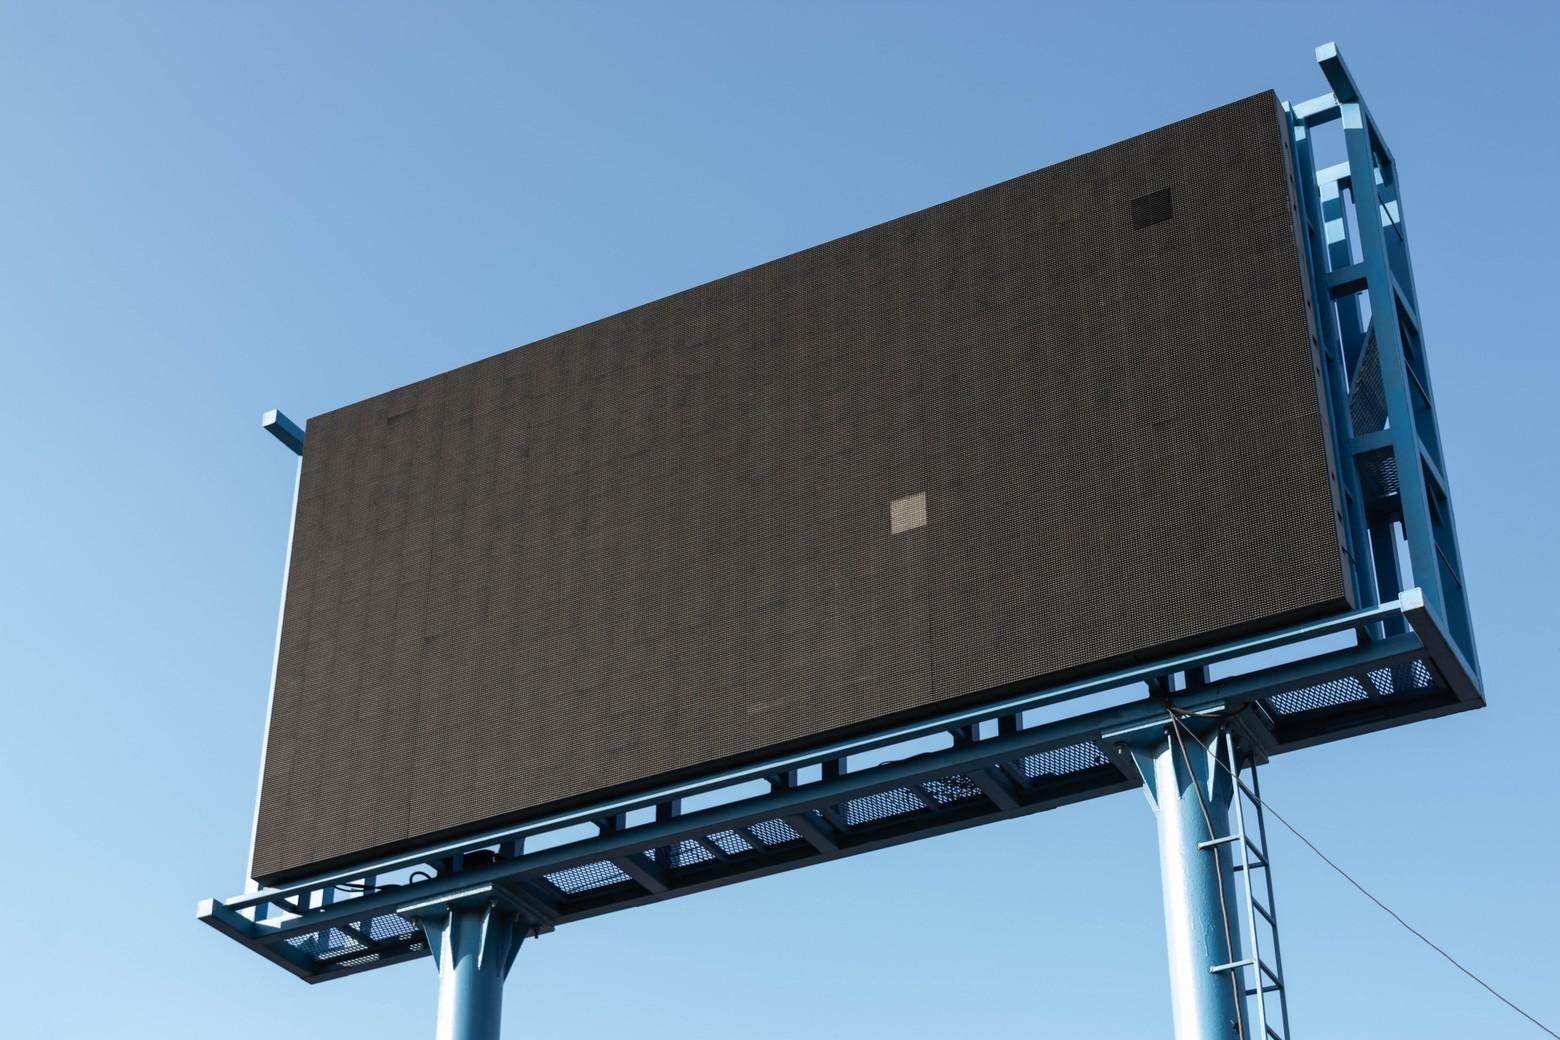 panneau d'affichage publicitaire hors ligne